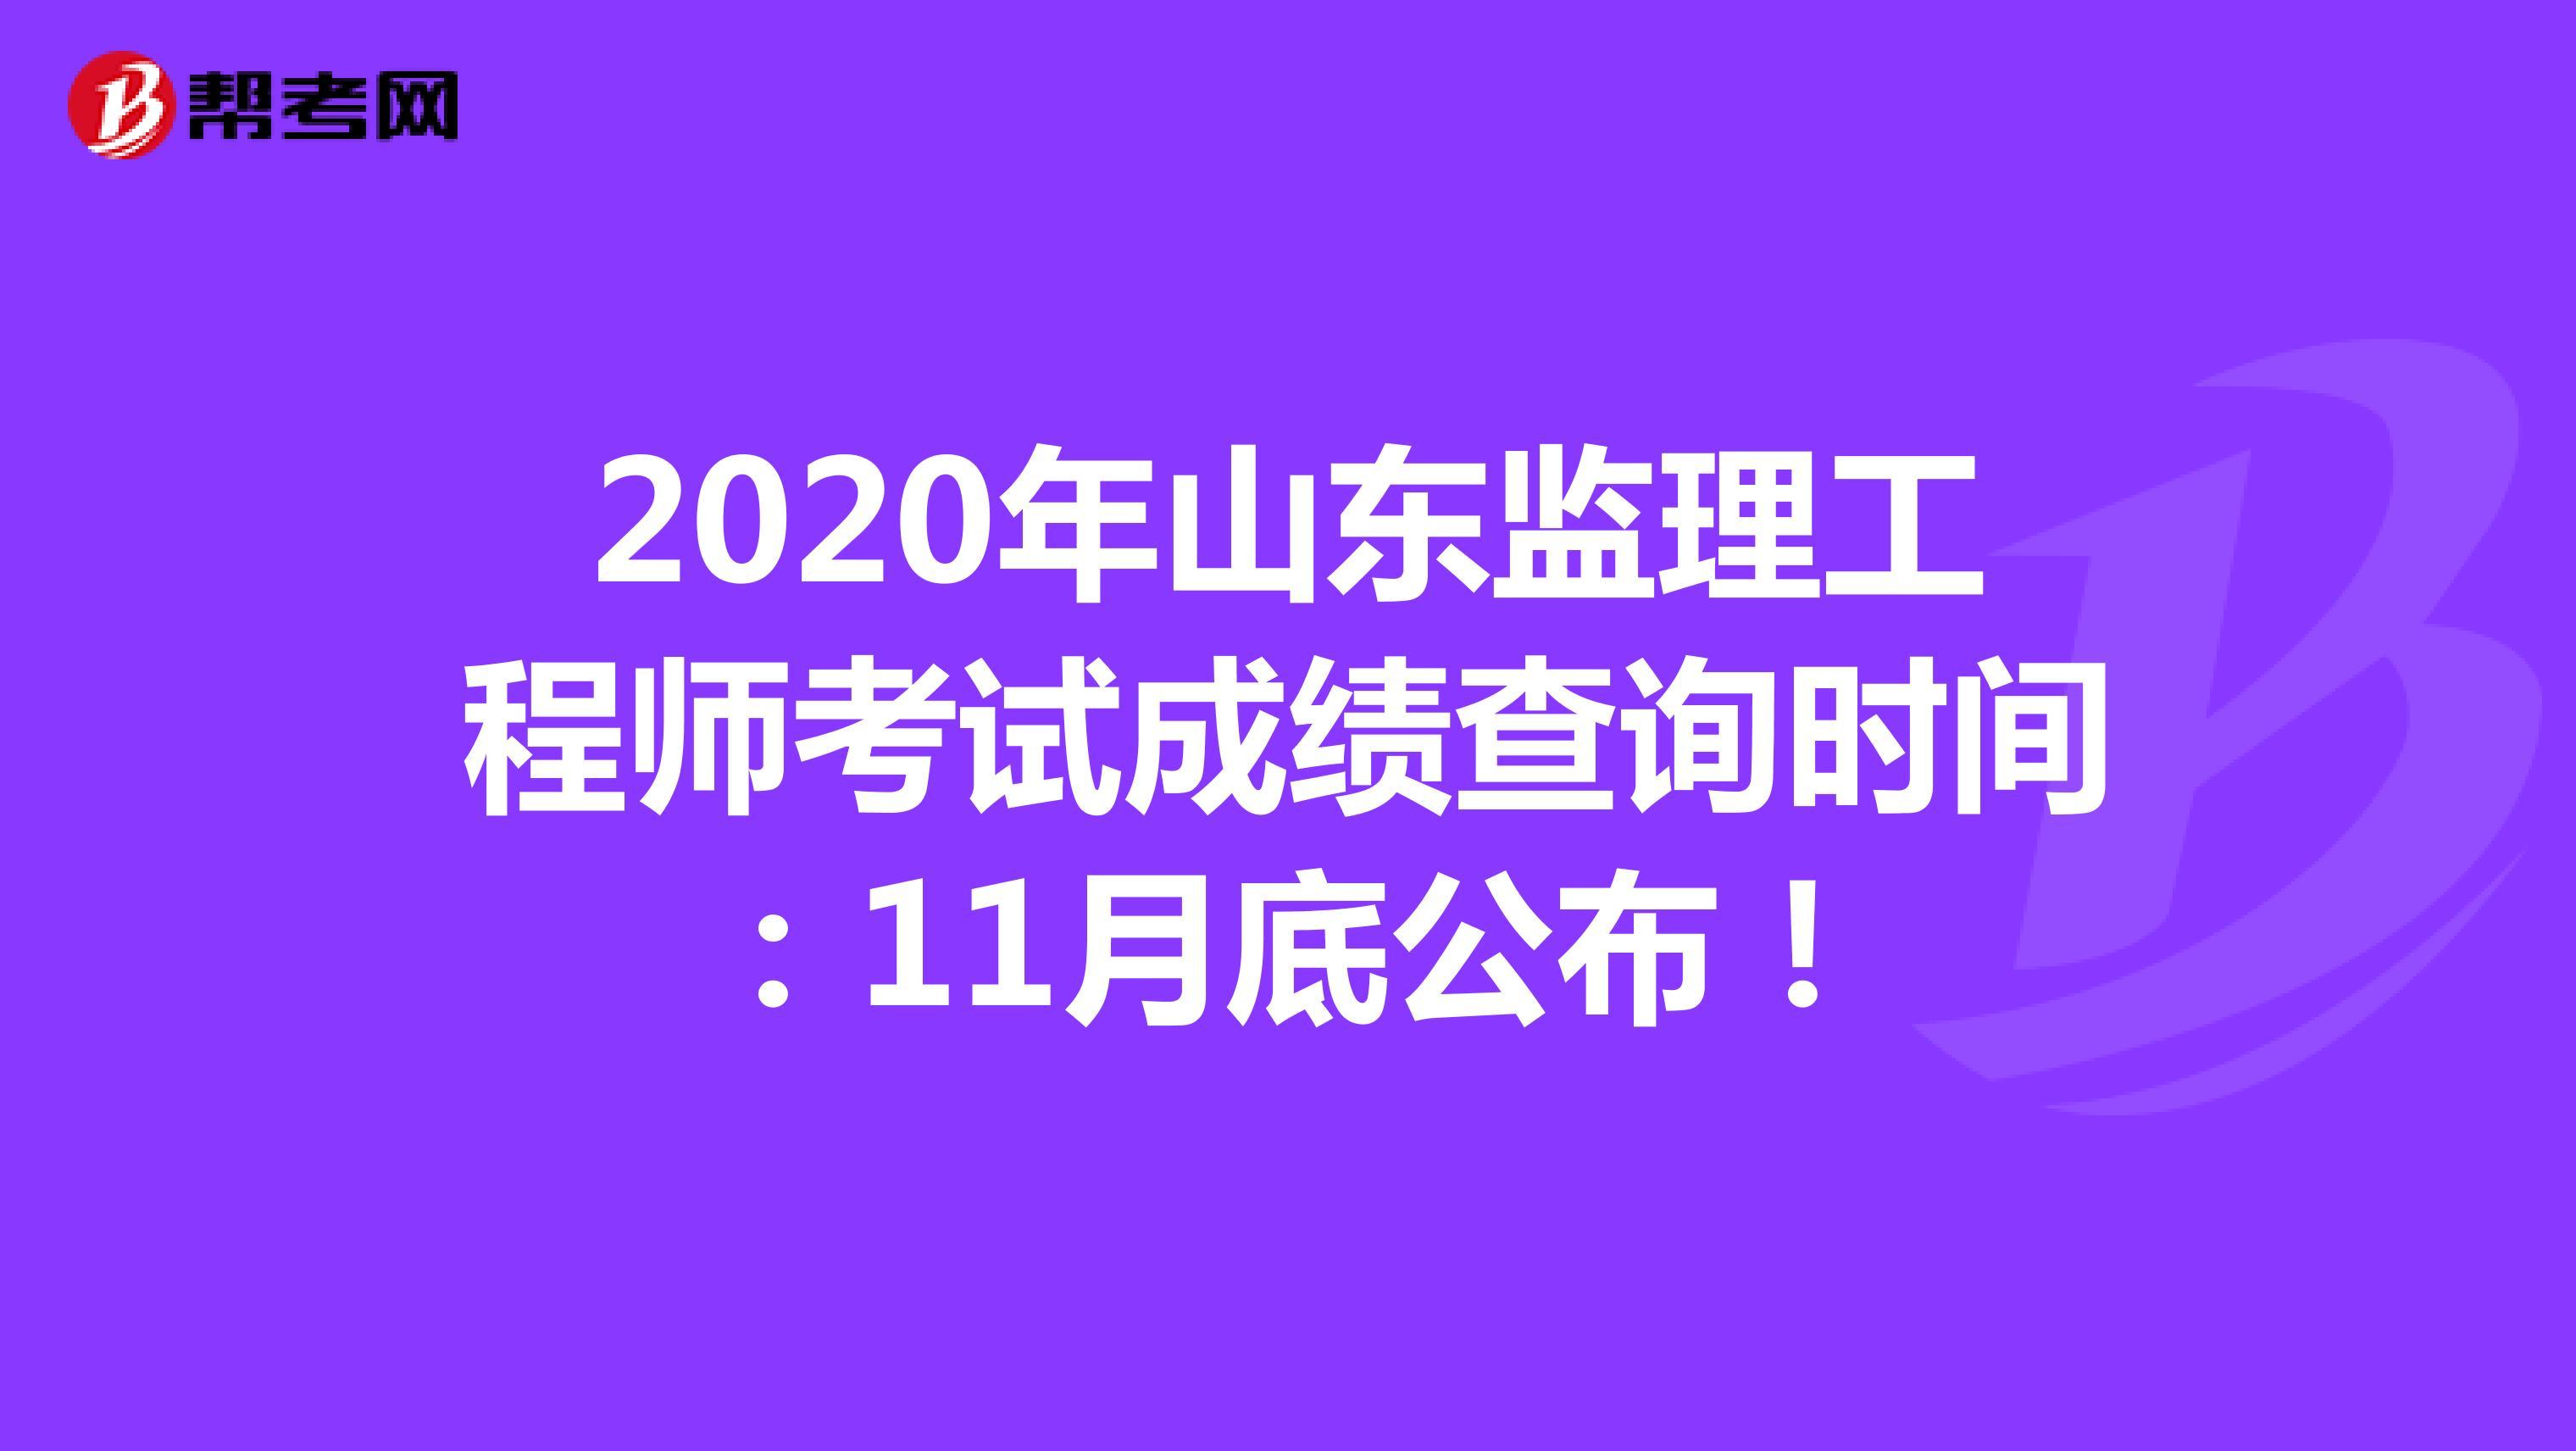 2020年山东电竞官网雷火电竞查询时间:11月底公布!